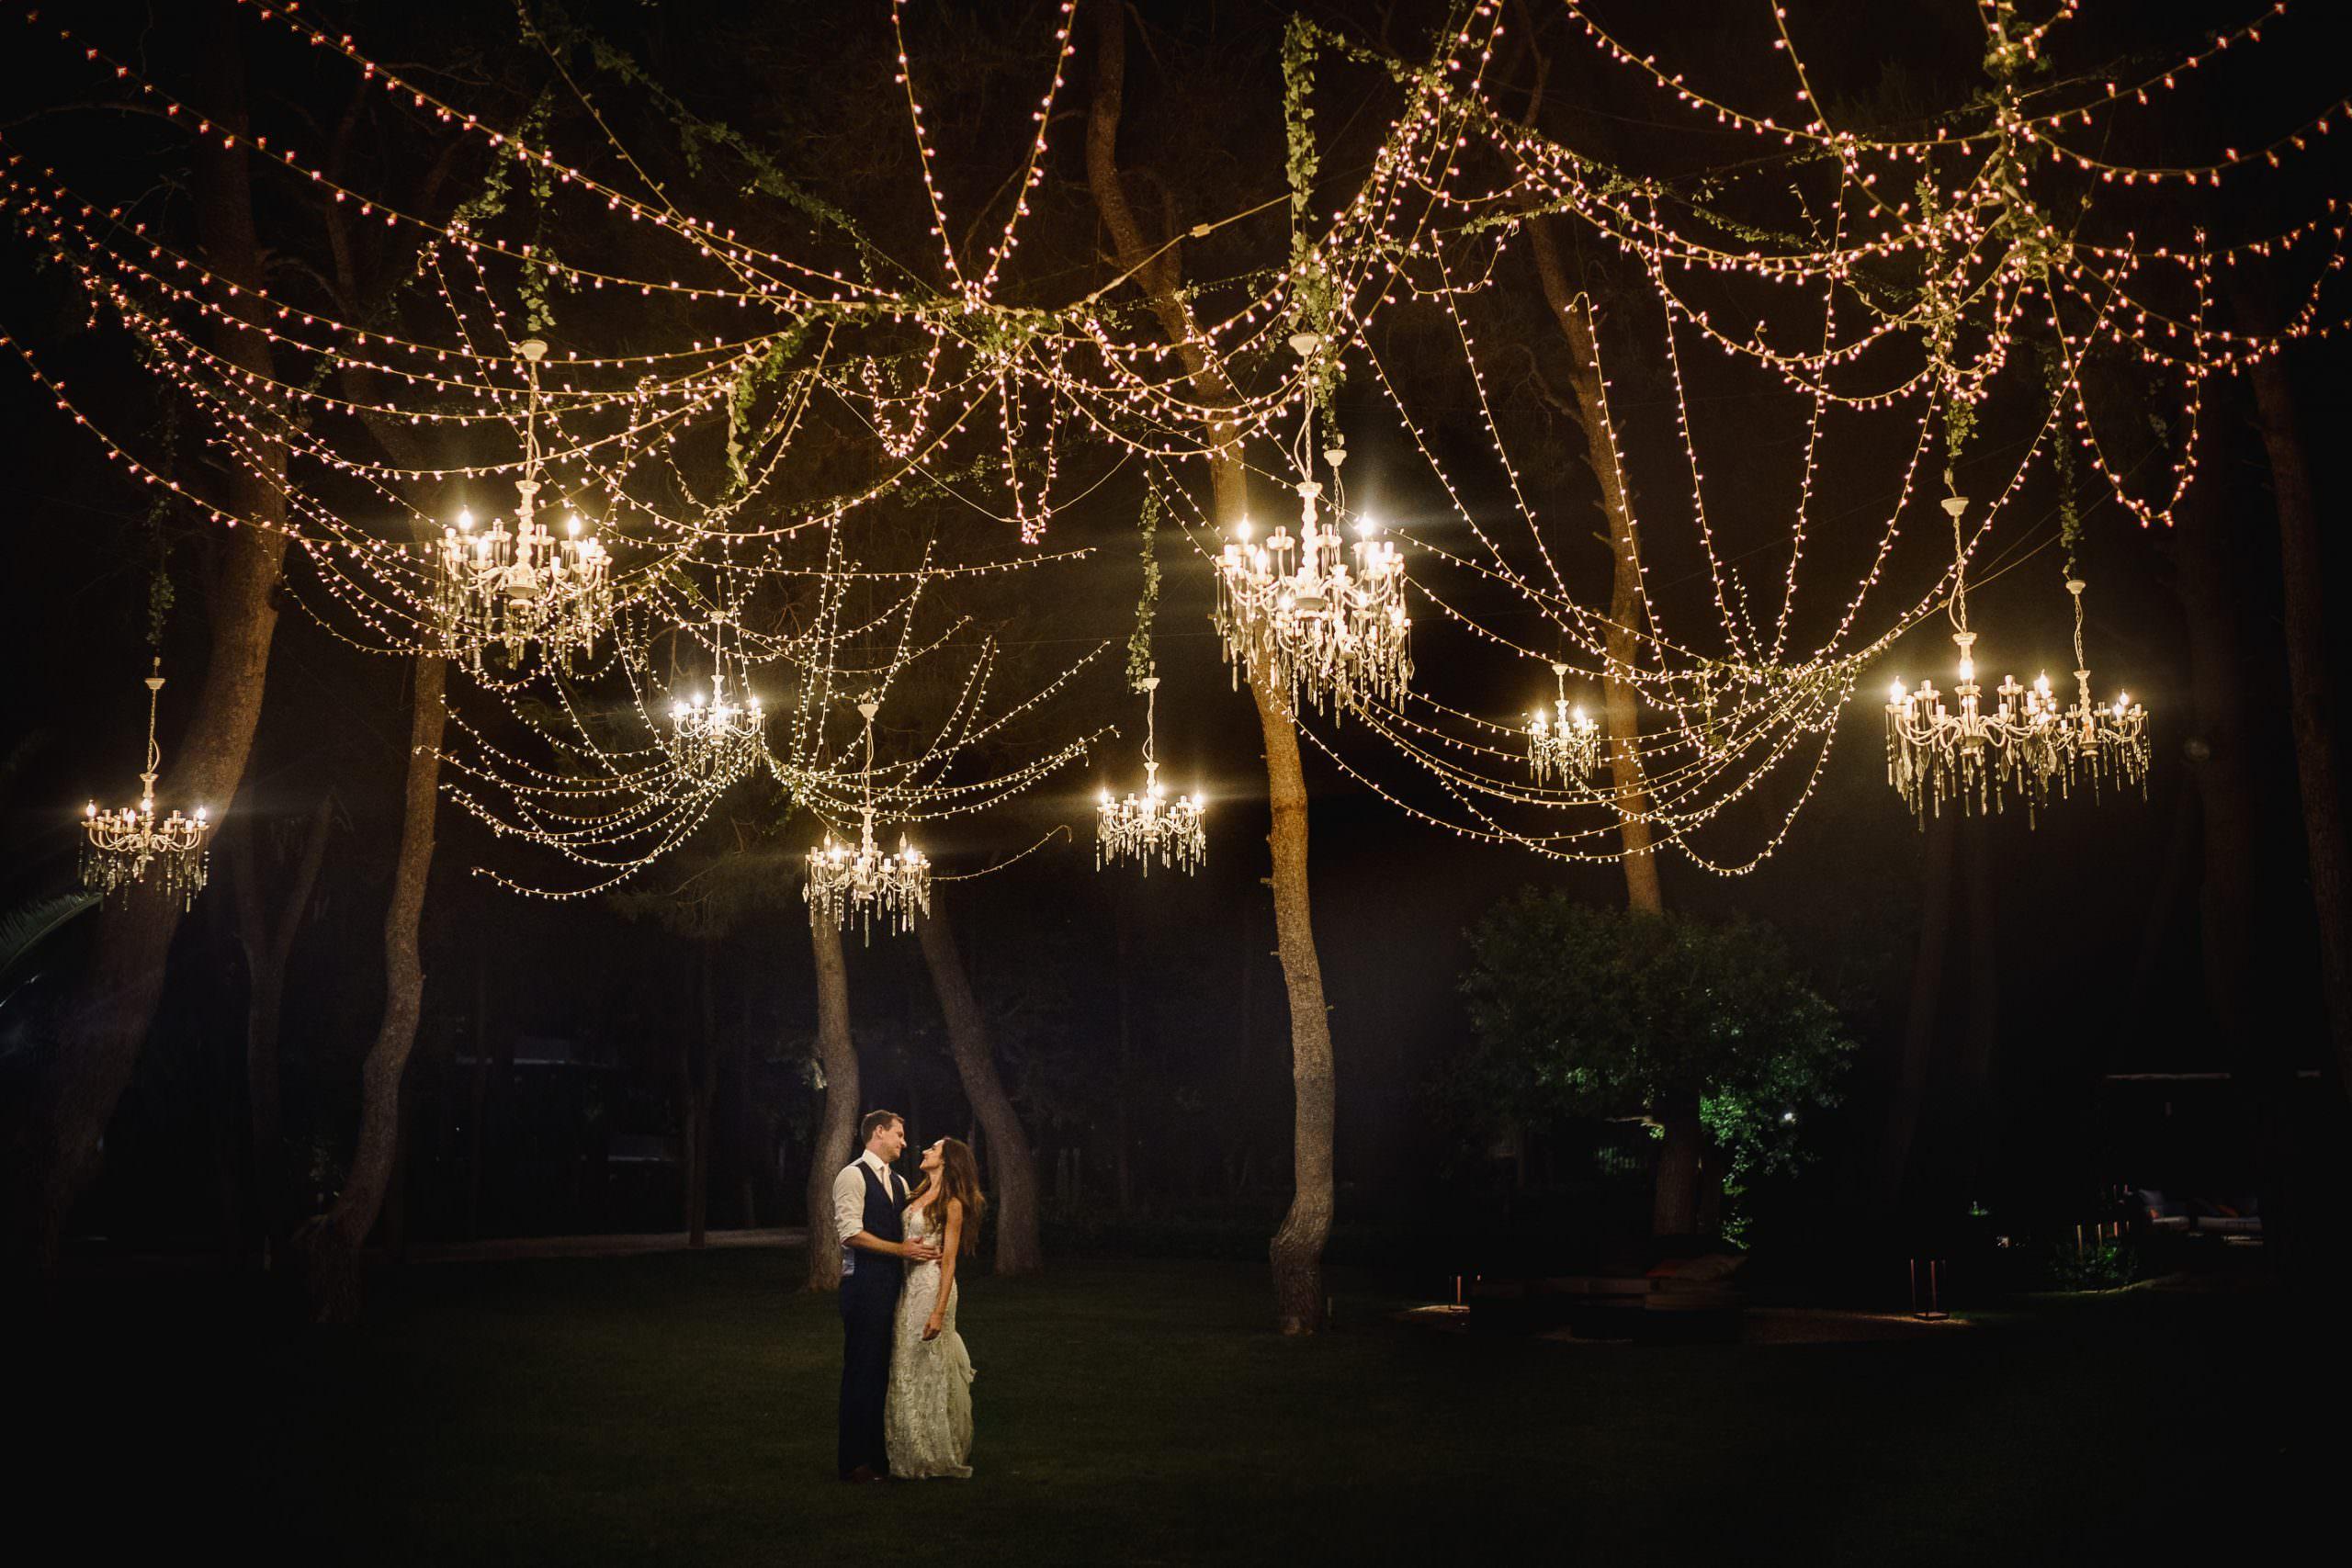 Castello Monaci Wedding Photography chandeliers